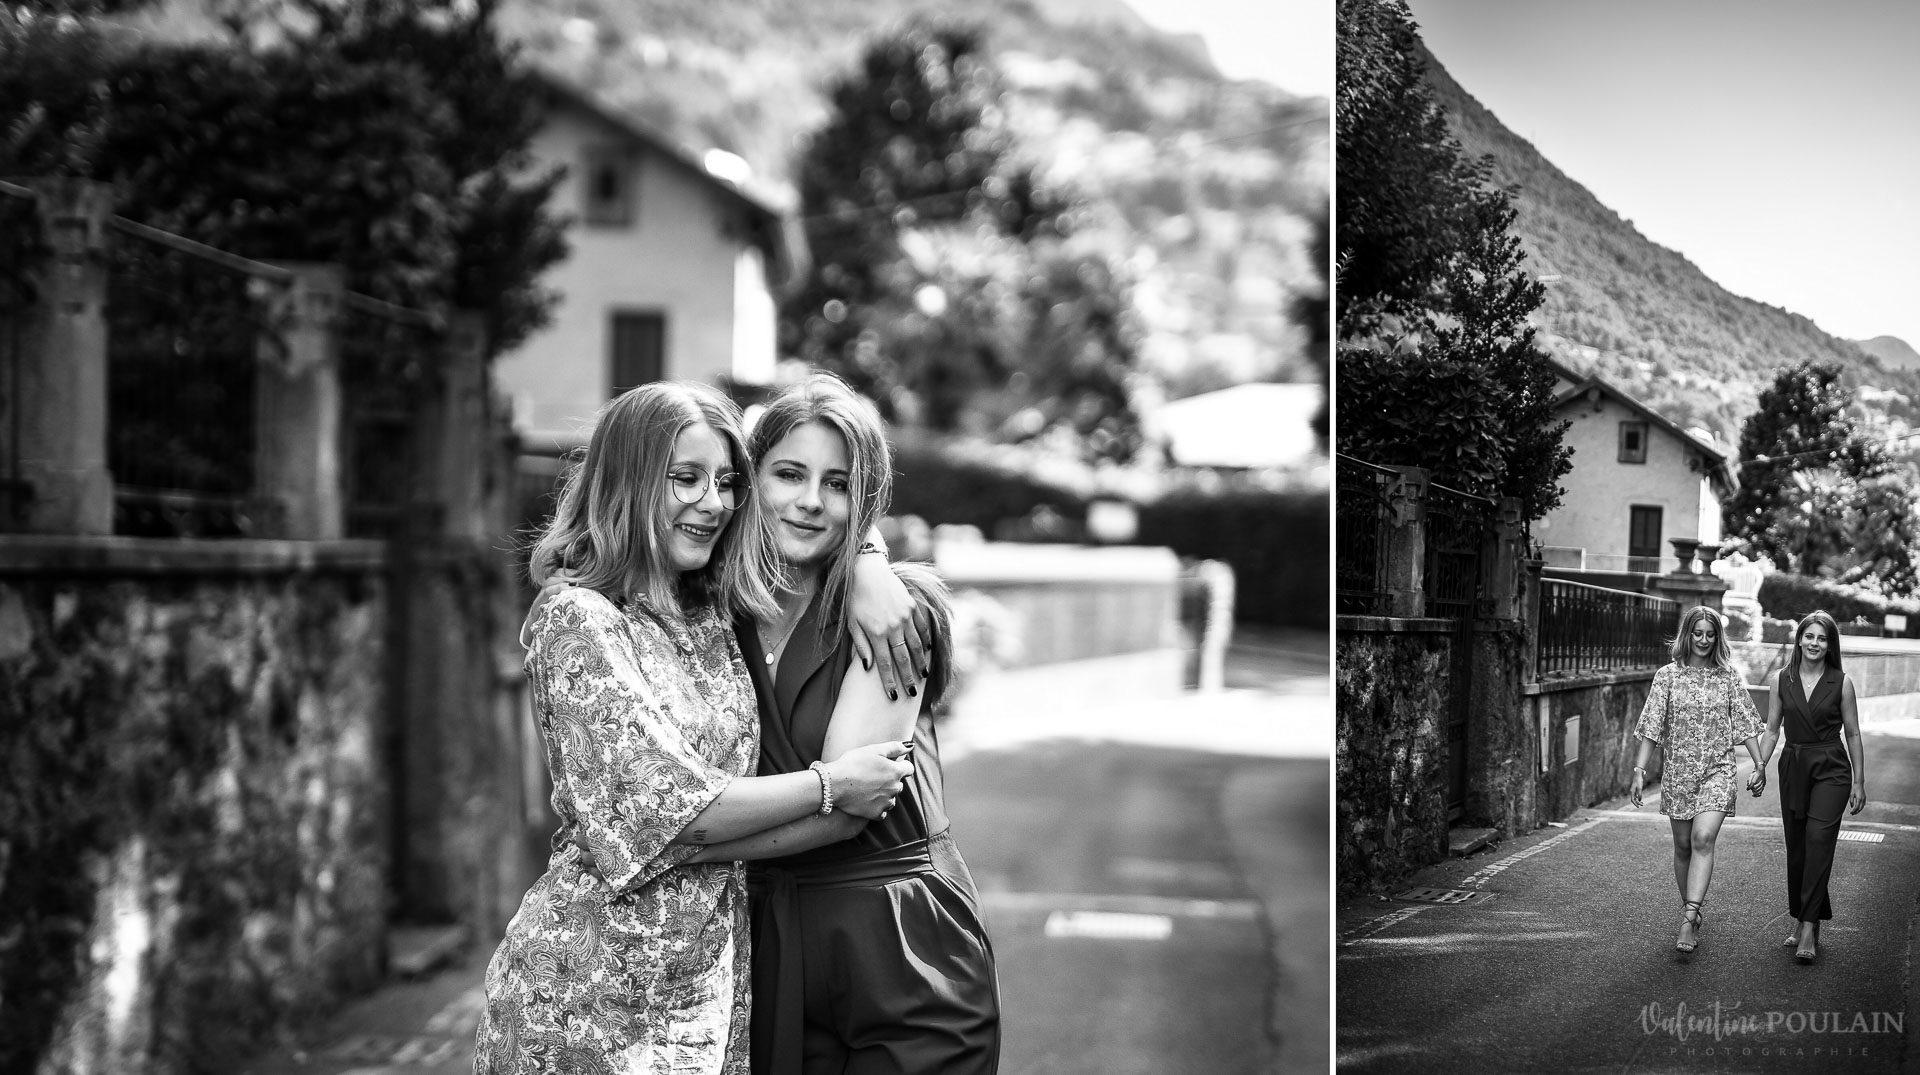 Shooting soeurs Italie - Valentine Poulain noir et blanc